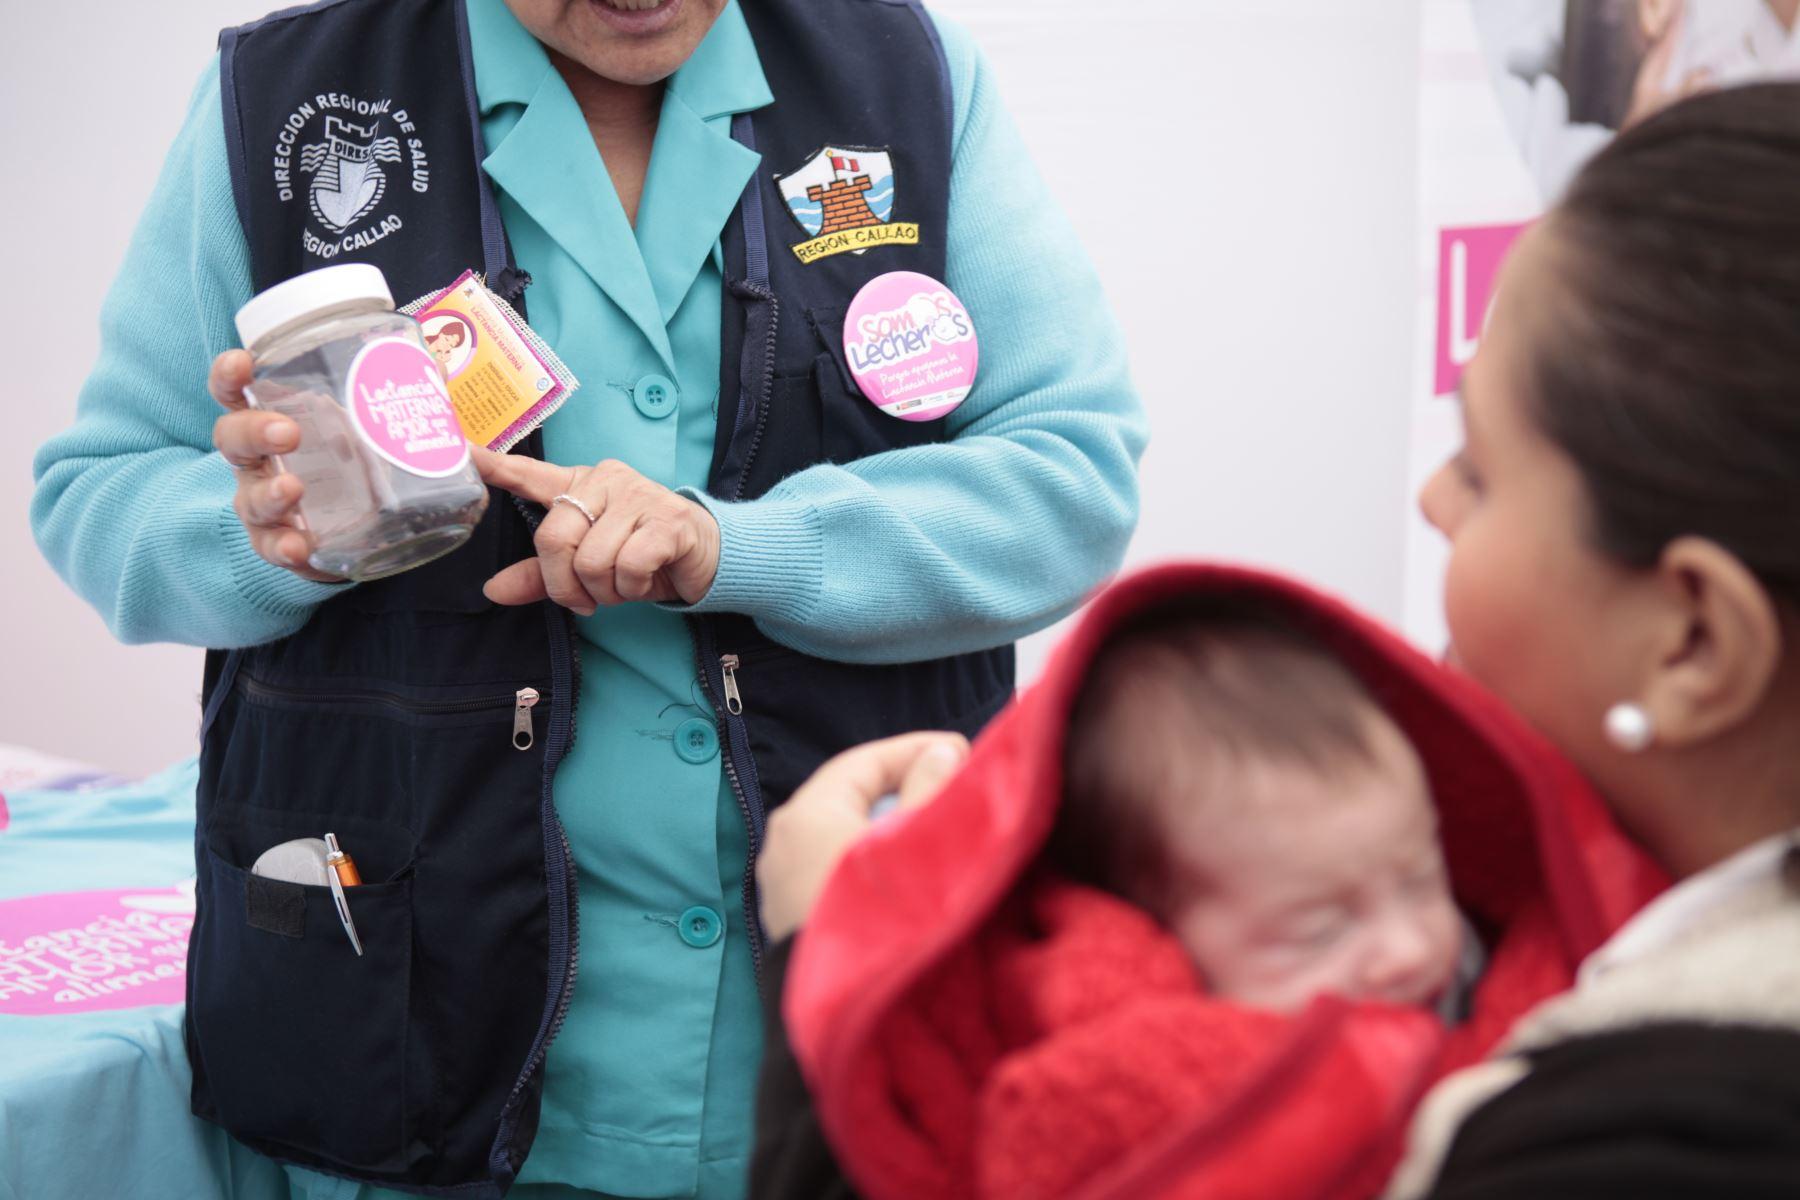 Feria de cuidados preventivos, en el marco de la Semana de la Lactancia Materna. Una enfermera explica la manera correcta de almacenar leche materna. Servicio de consejería a fin de promover la lactancia y sus beneficios. Además se brindo orientación sobre alimentos nutritivos para los bebés. Estuvo presente el viceministro de Salud, Neptalí Santillán Ruiz. Foto: ANDINA/Miguel Mejía Castro